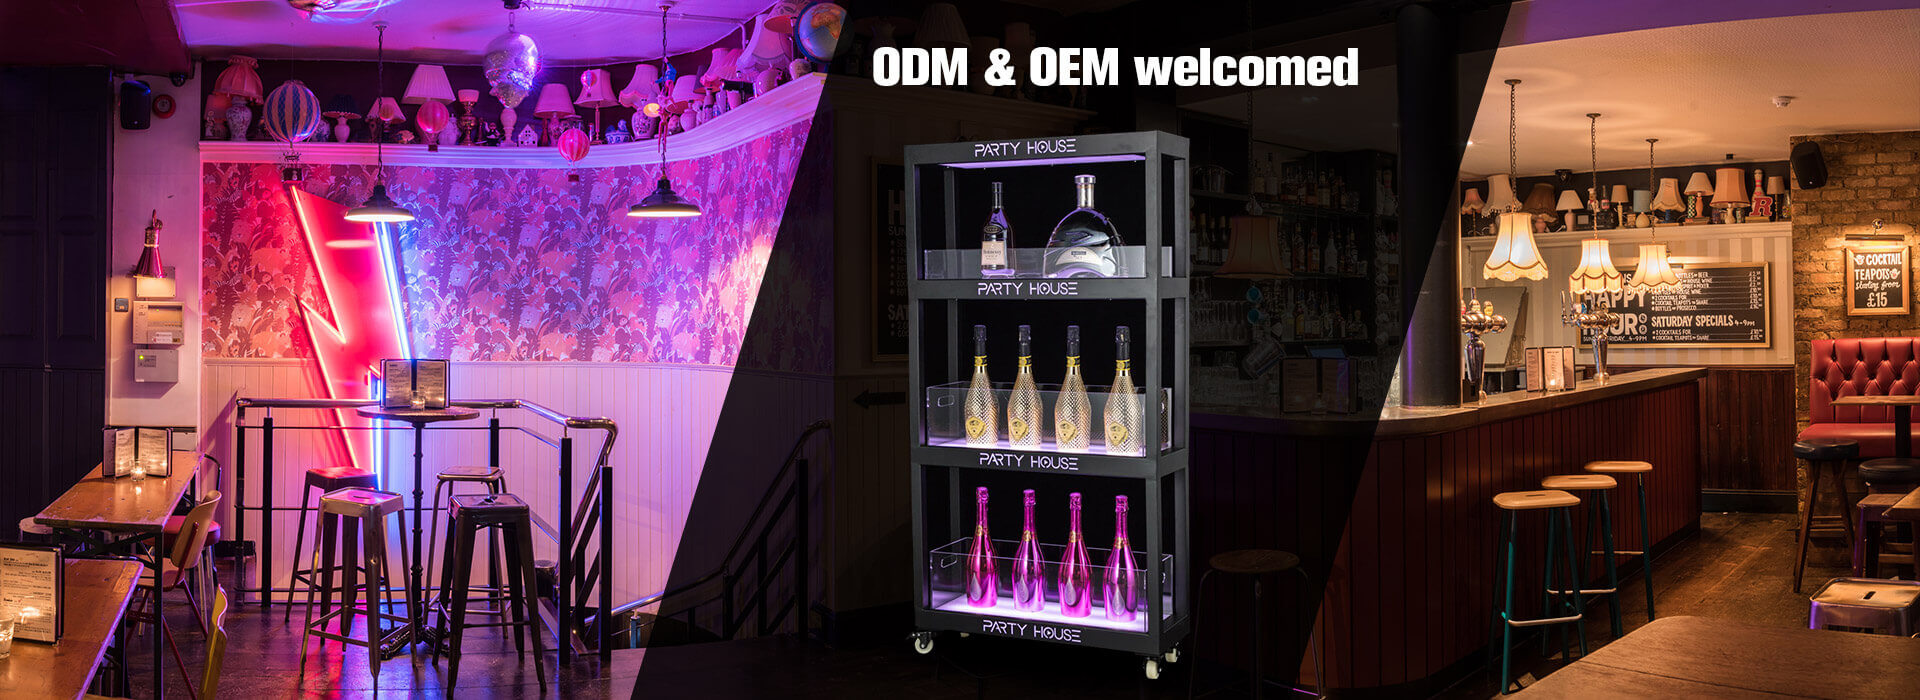 ODM & OEM